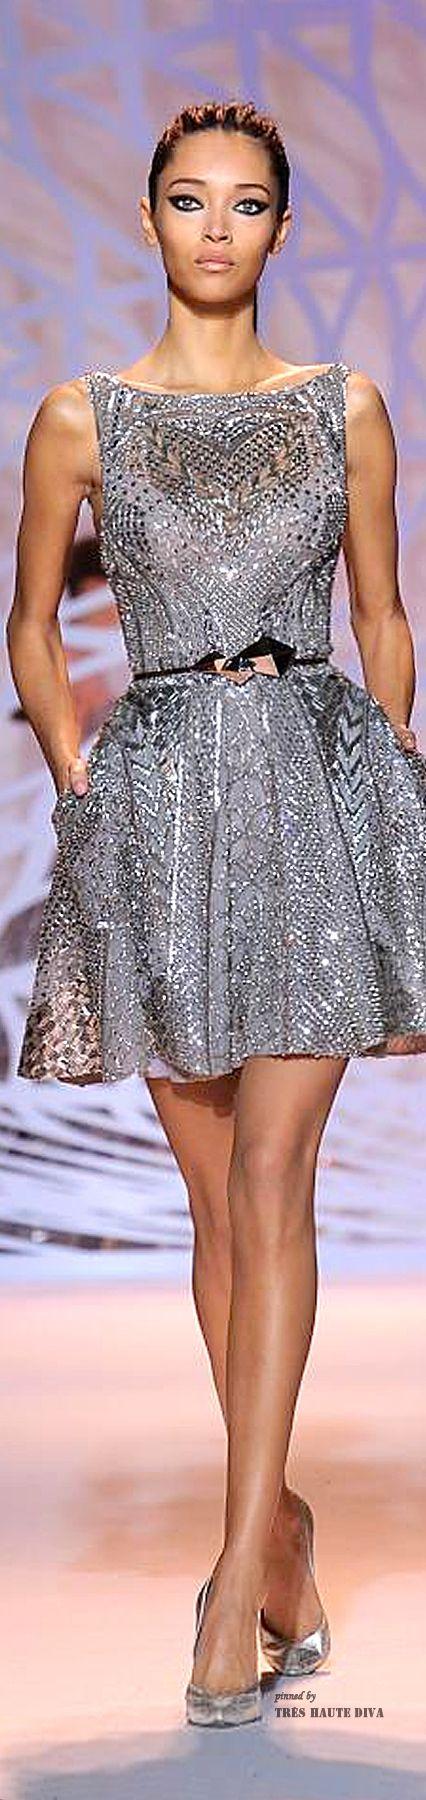 ... on Pinterest | Cocktail dresses, Zuhair murad and The velvet rope